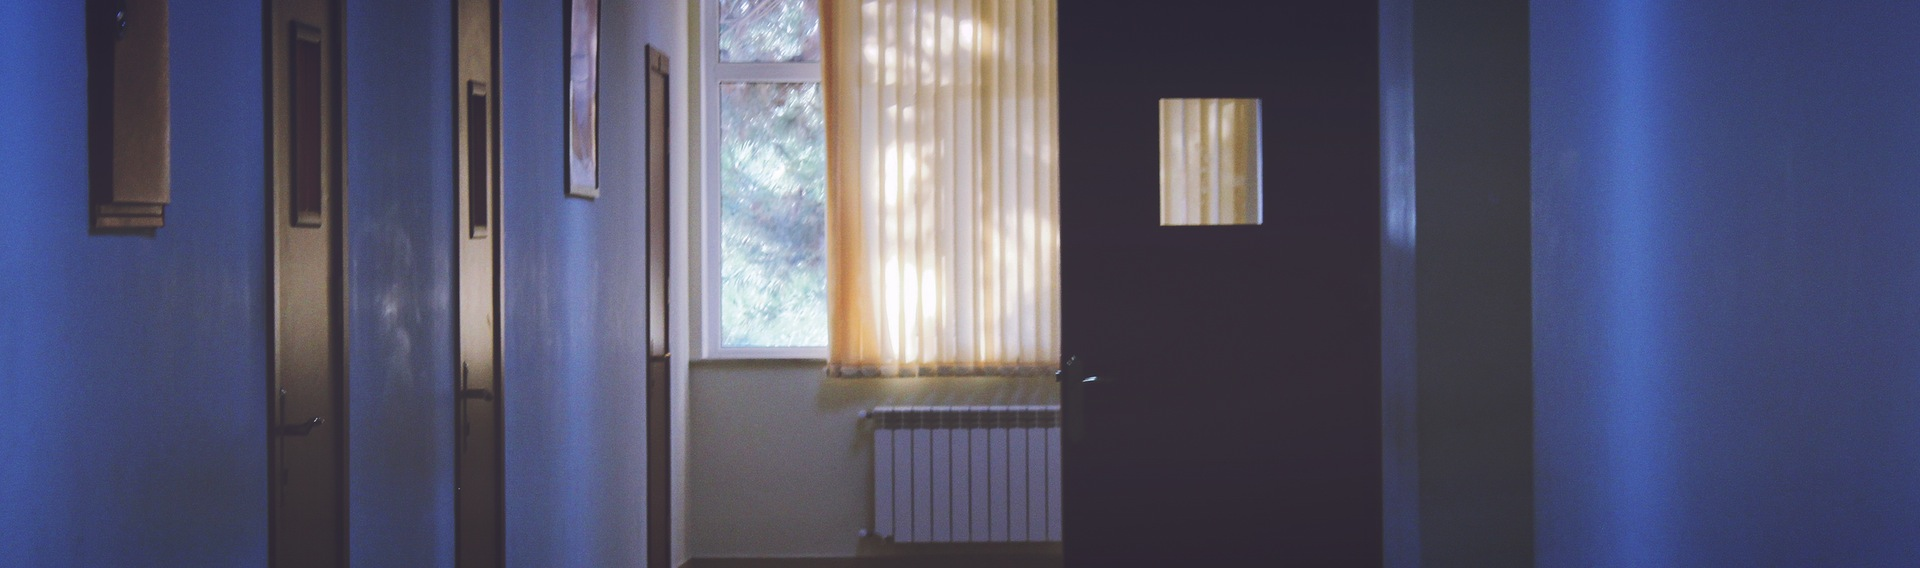 Rum der ikke er grundbelyst med dynamisk belysning